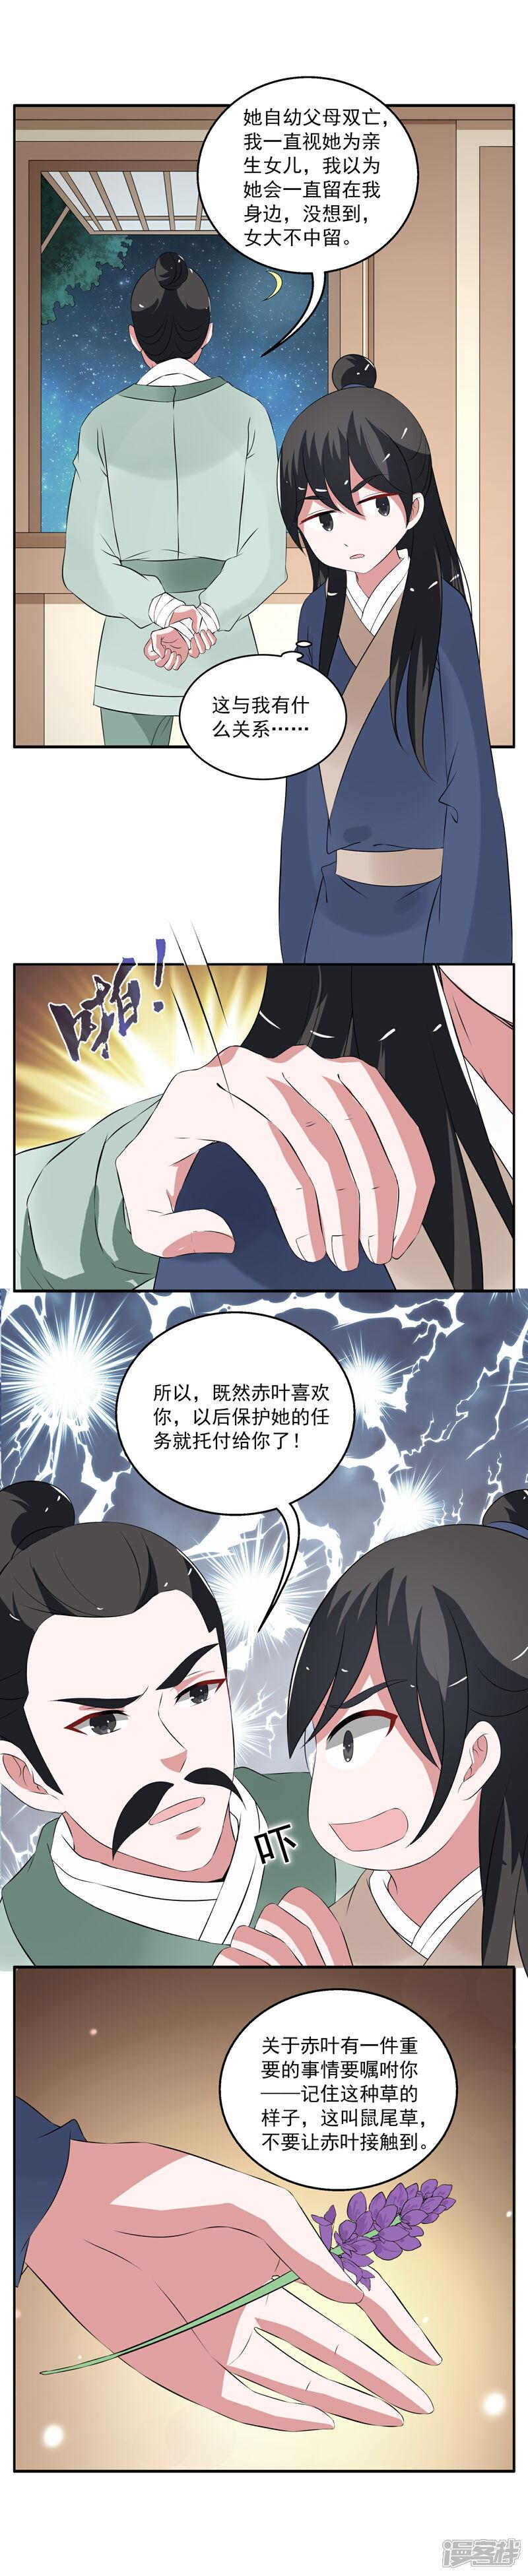 洛小妖184 (7).JPG